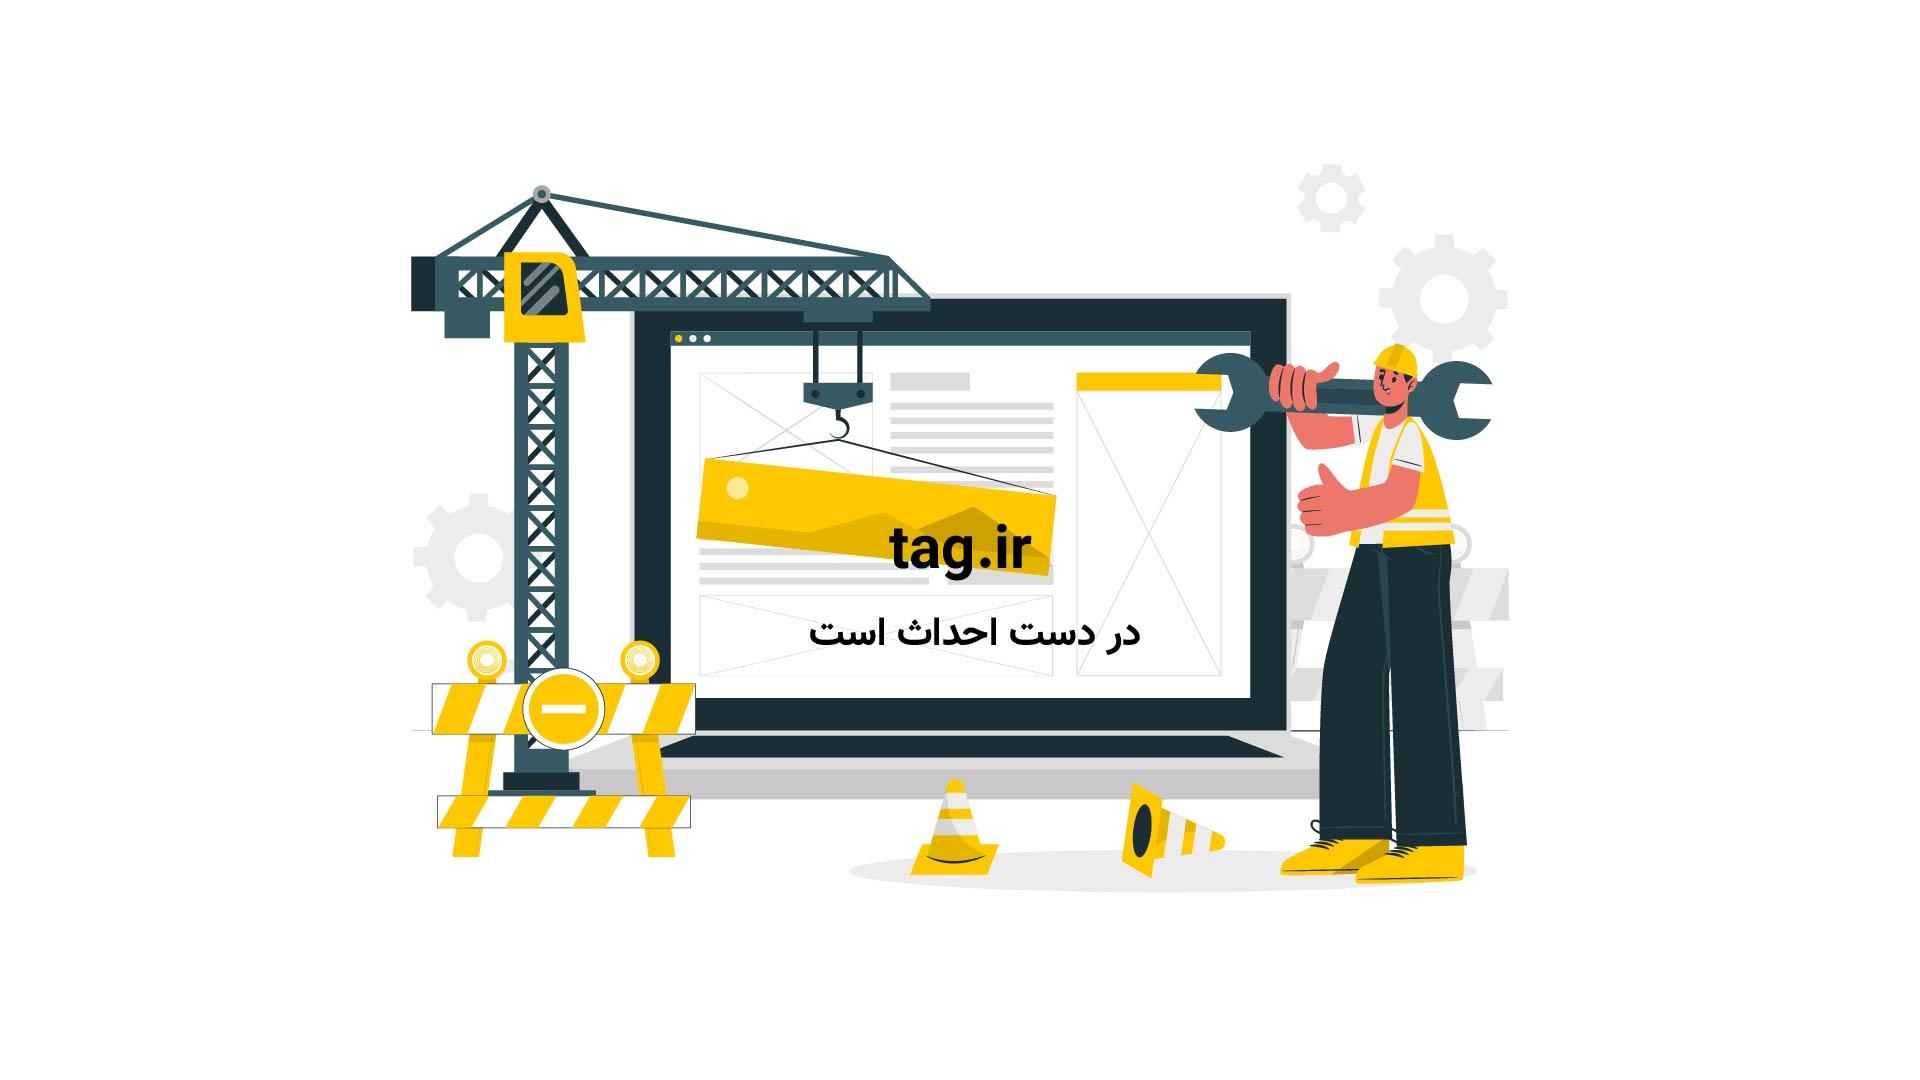 ذوب آهن اصفهان و صنعت نفت آبادان | تگ